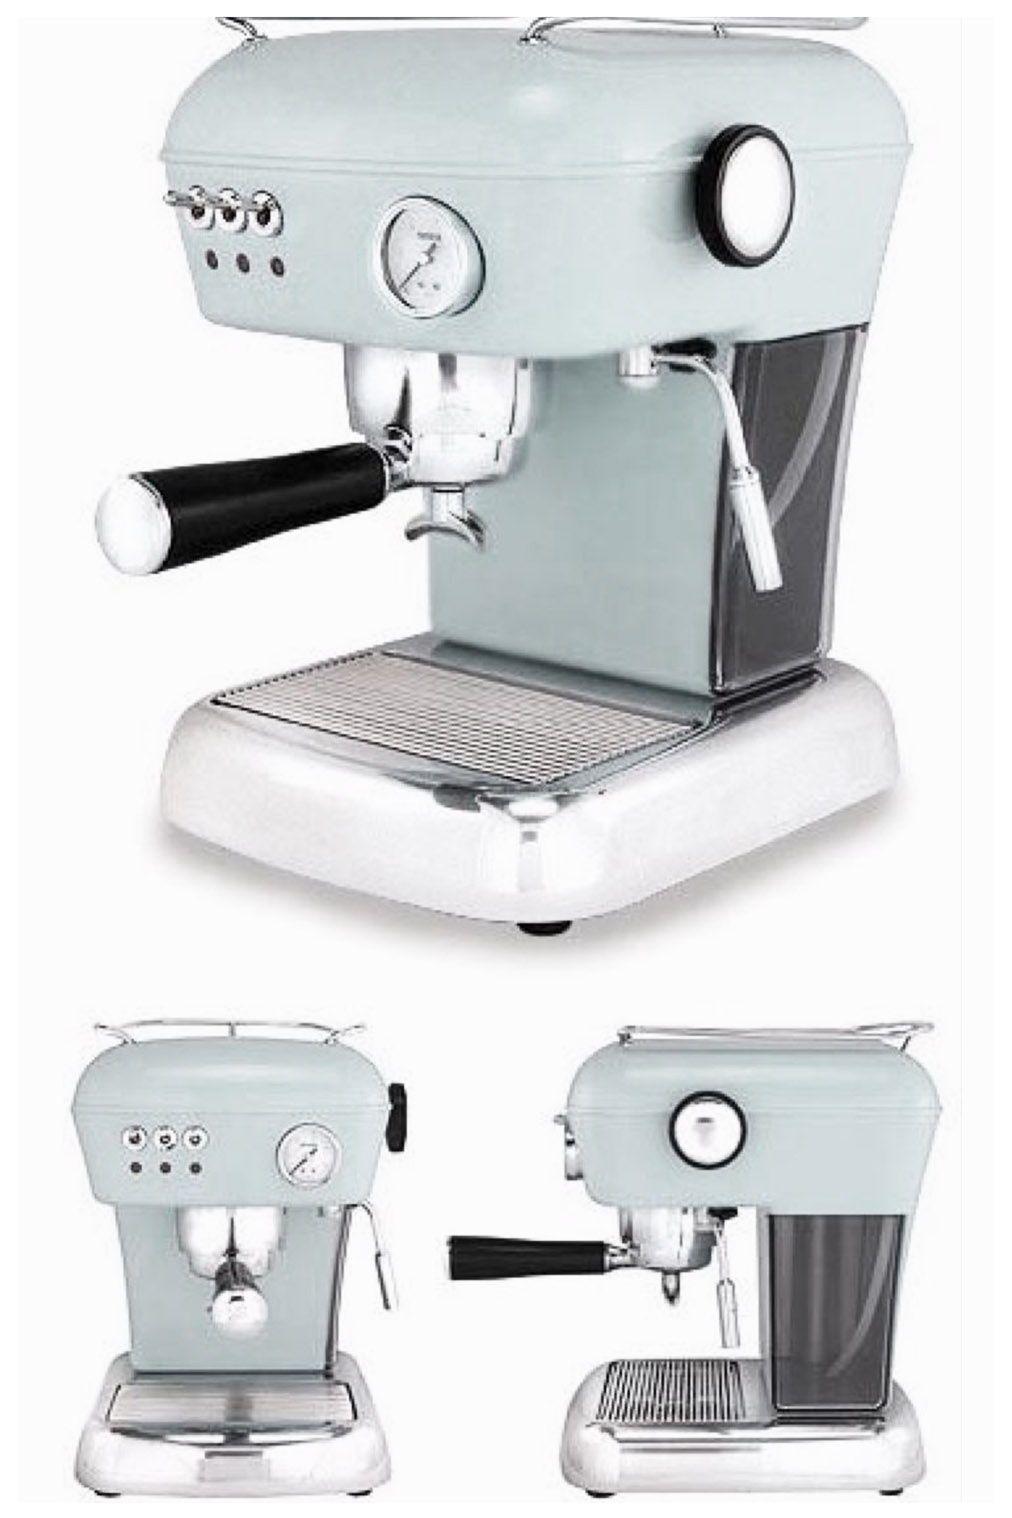 30 Best Rv Coffee Maker In 2020 Ascaso Dream Espresso Machine Espresso Machine Coffee